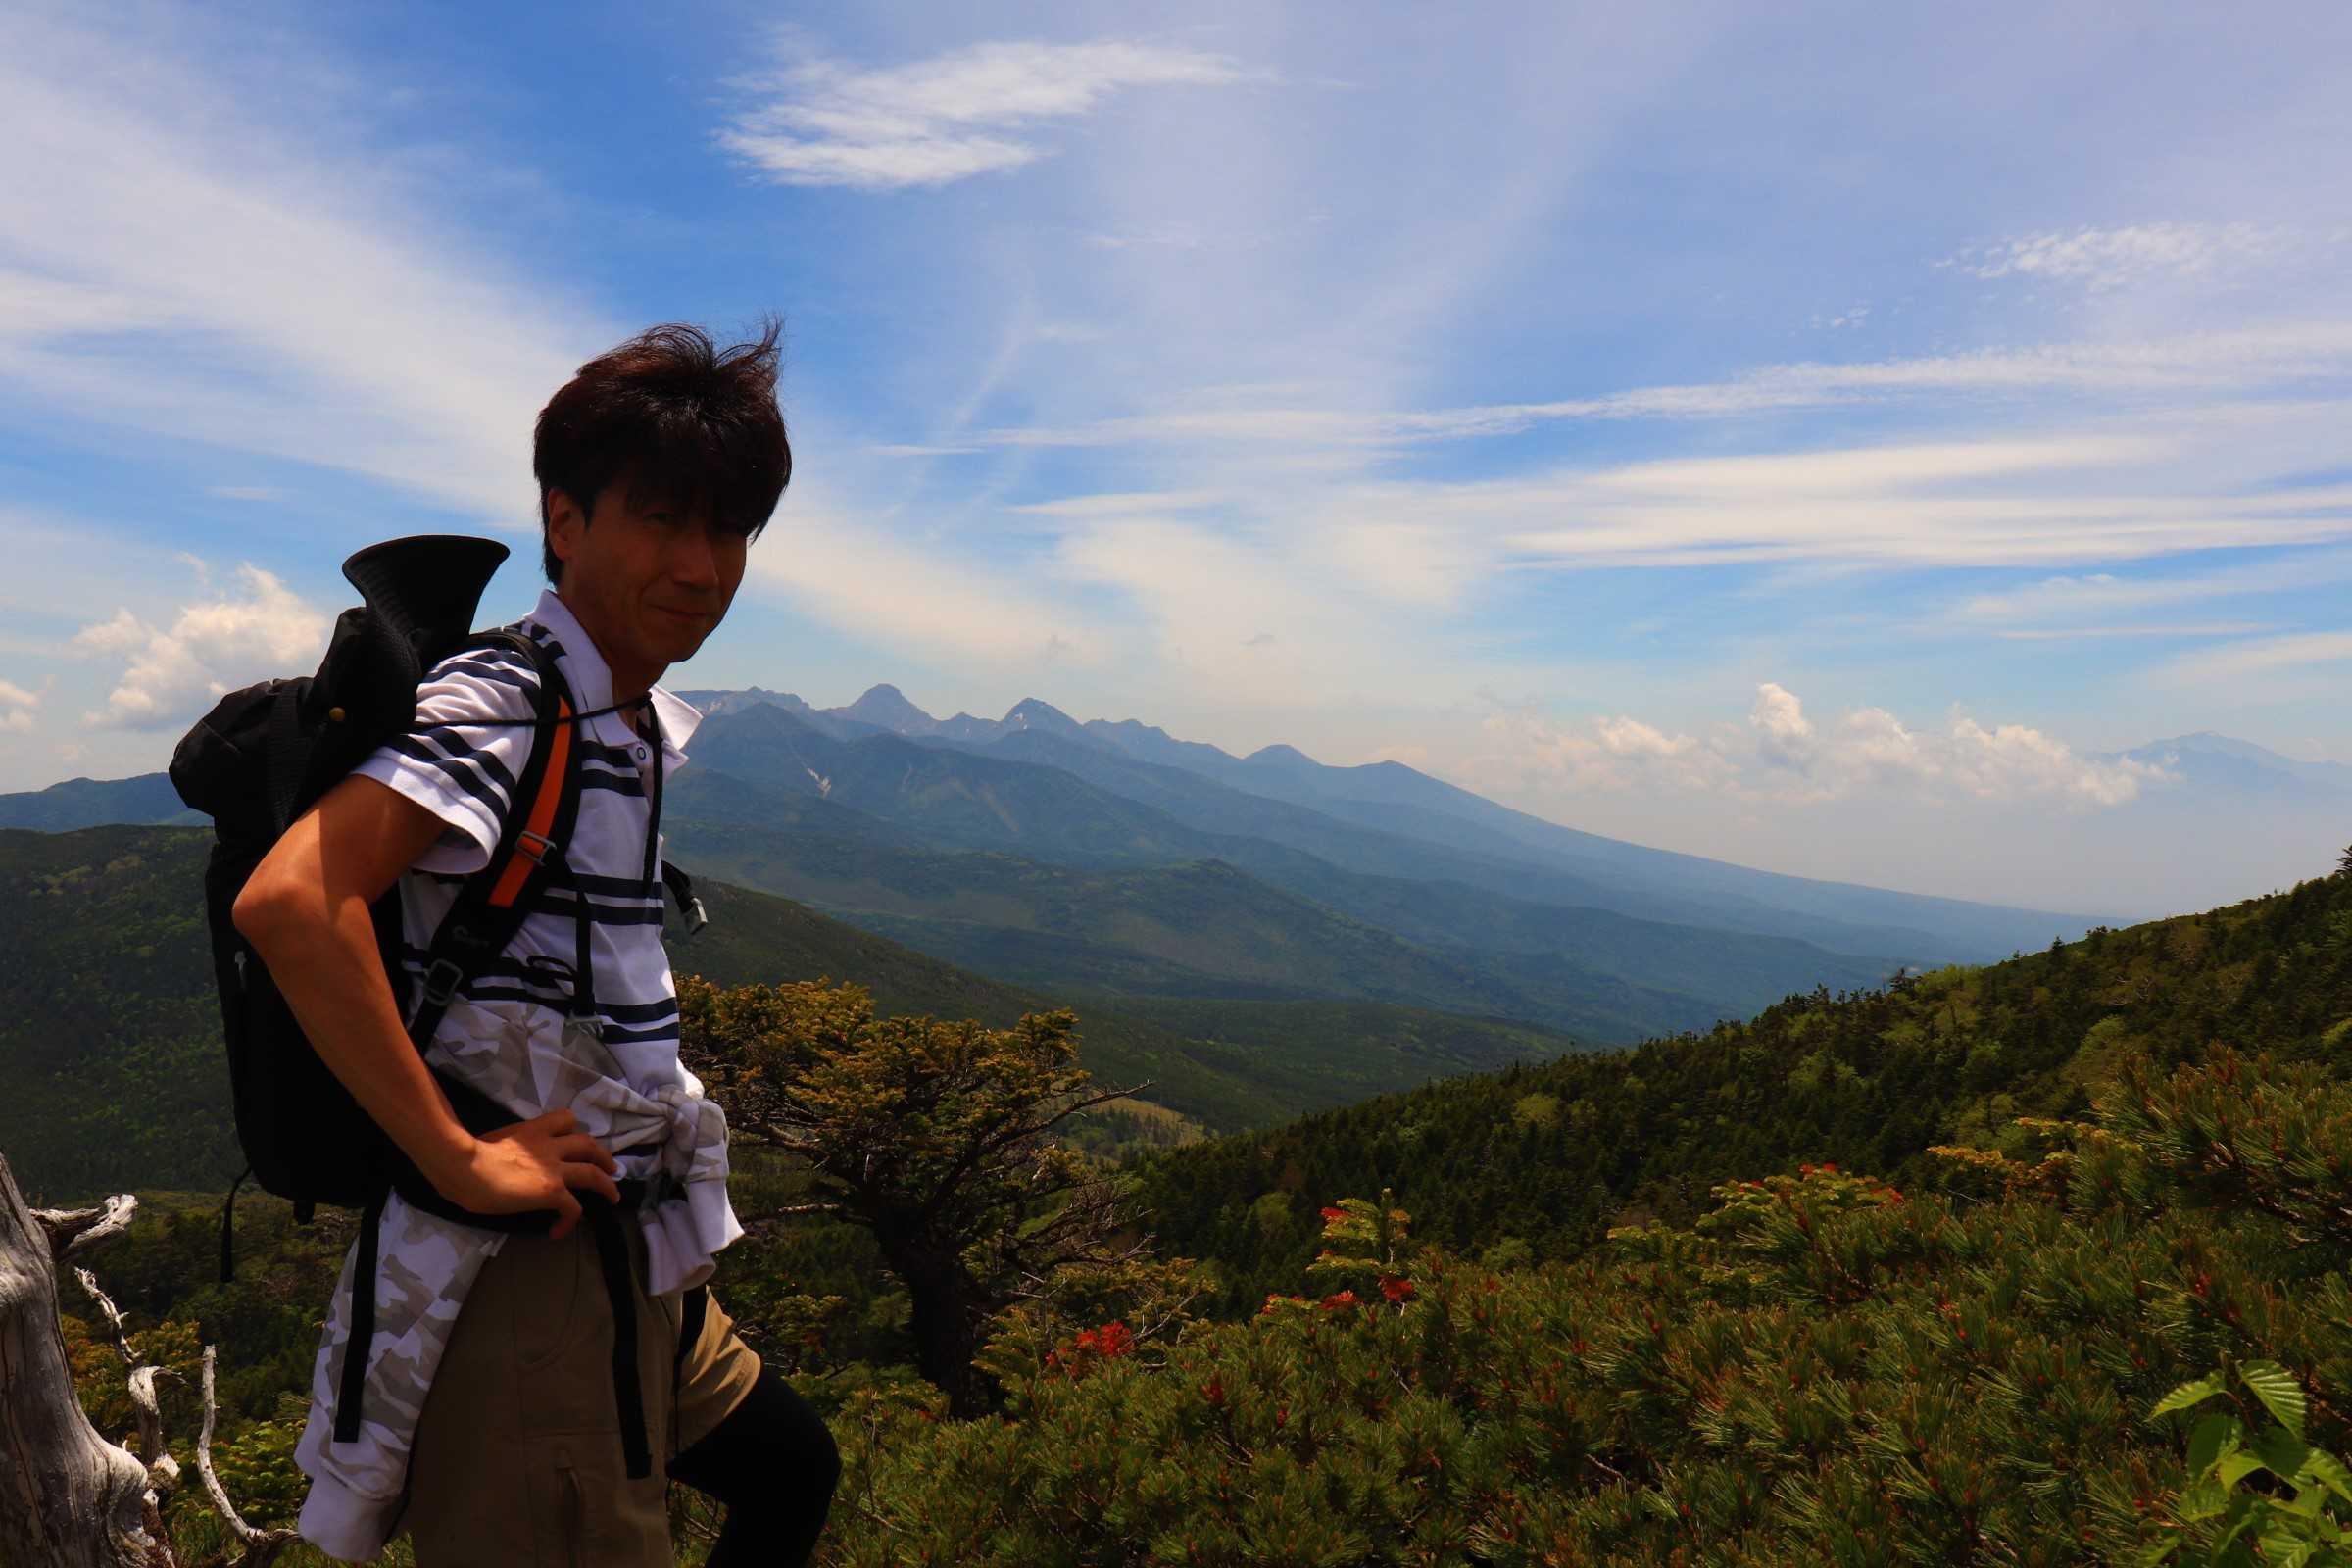 9bc07f07e3 登山レベル:初心者向け登山ルート:北八ヶ岳ロープウェイ~北横岳~北八ヶ岳ロープウェイ⇒小斉の湯